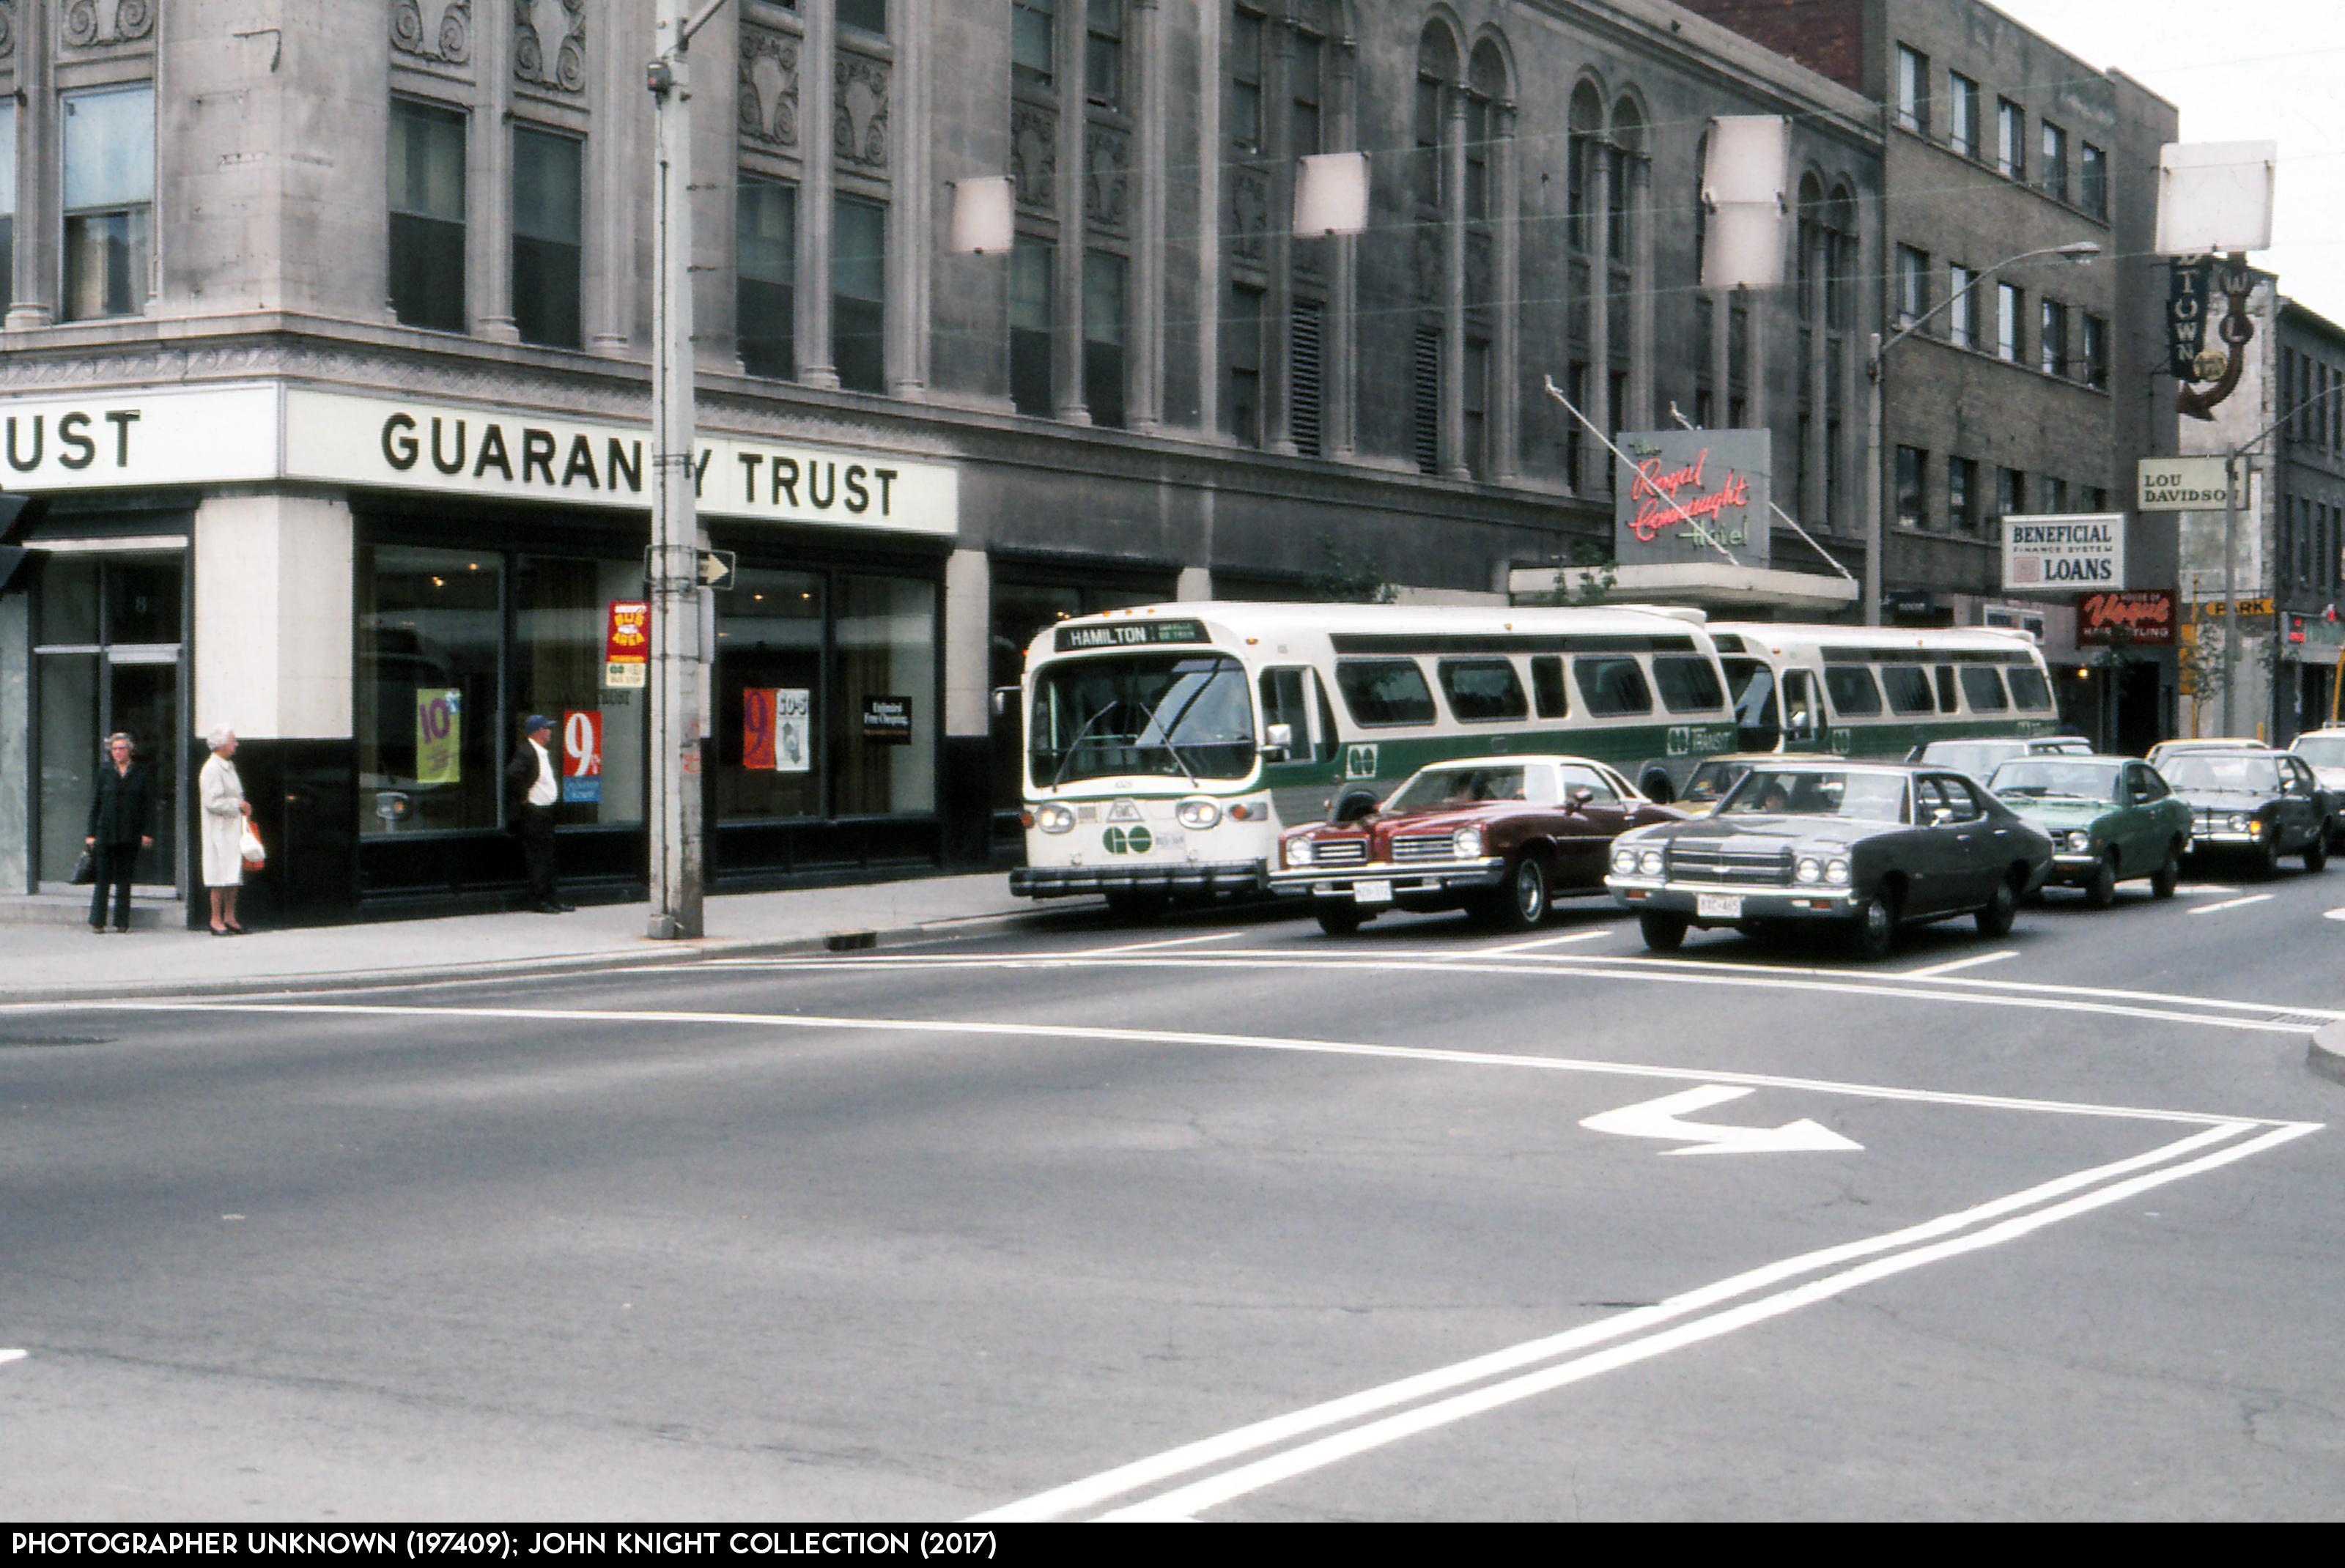 GO Bus 1025 197409